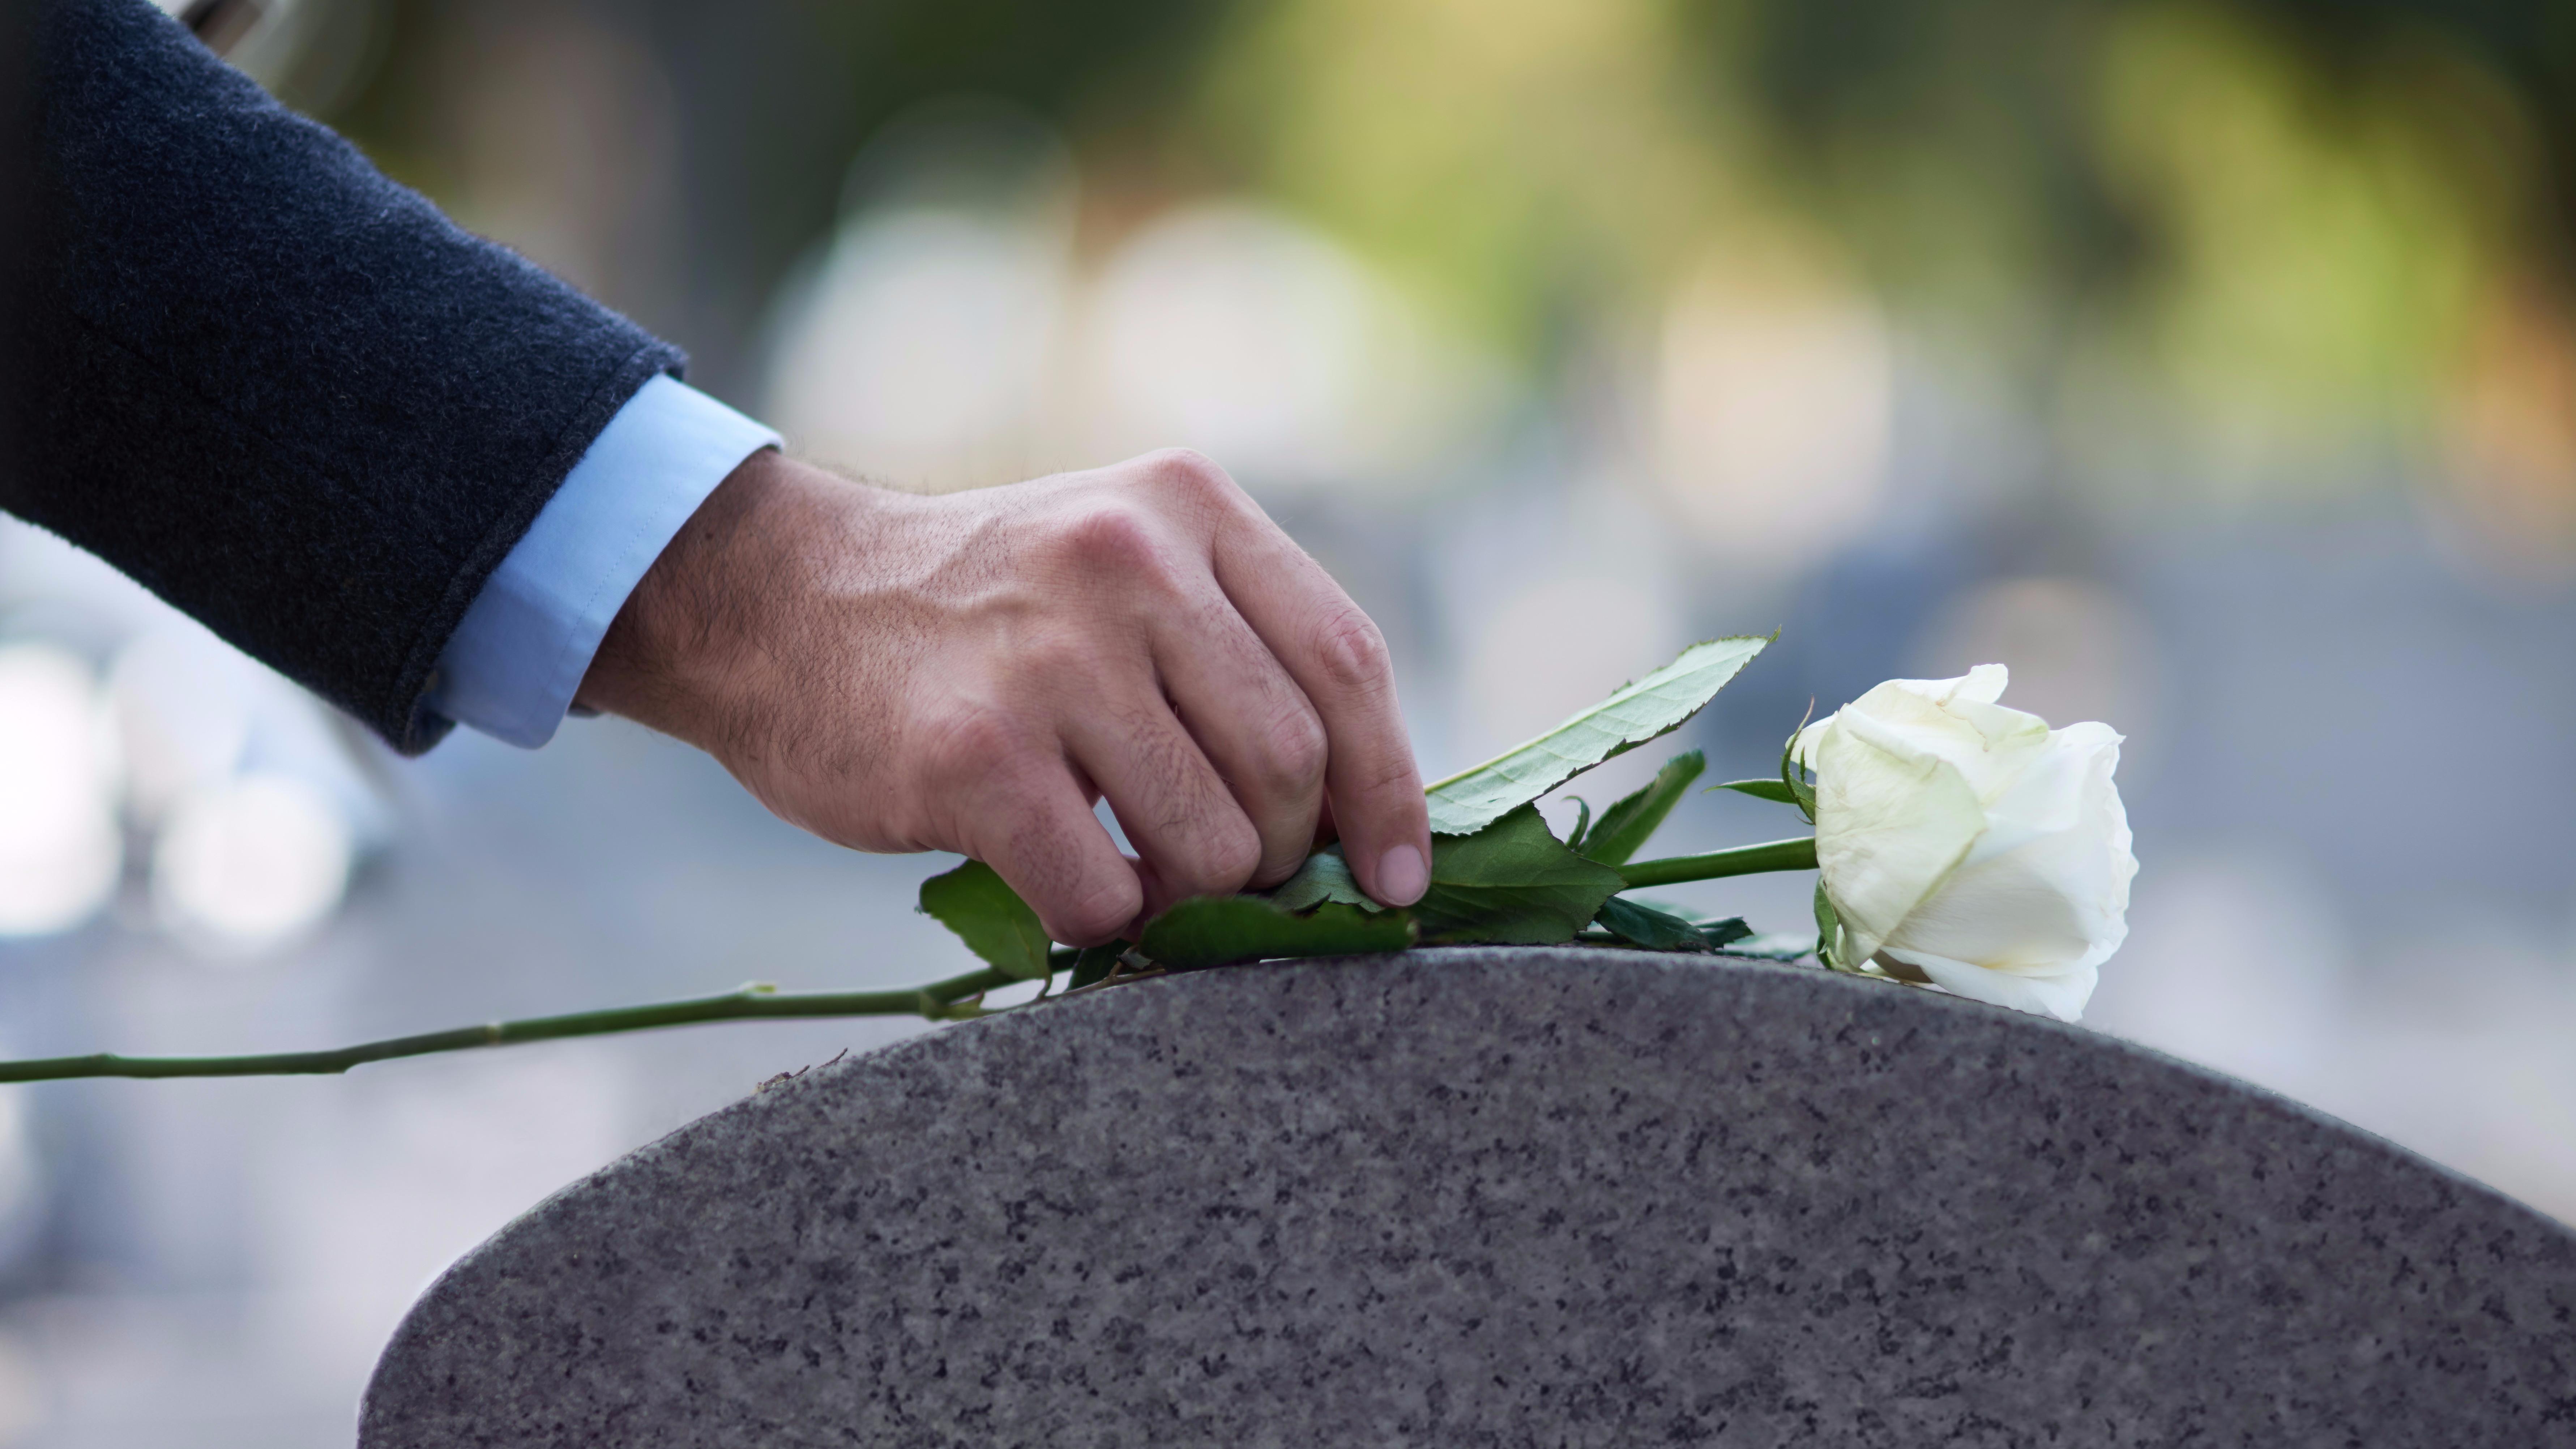 El duelo y el luto son dos conceptos que van de la mano, pero que no necesariamente significan lo mismo.